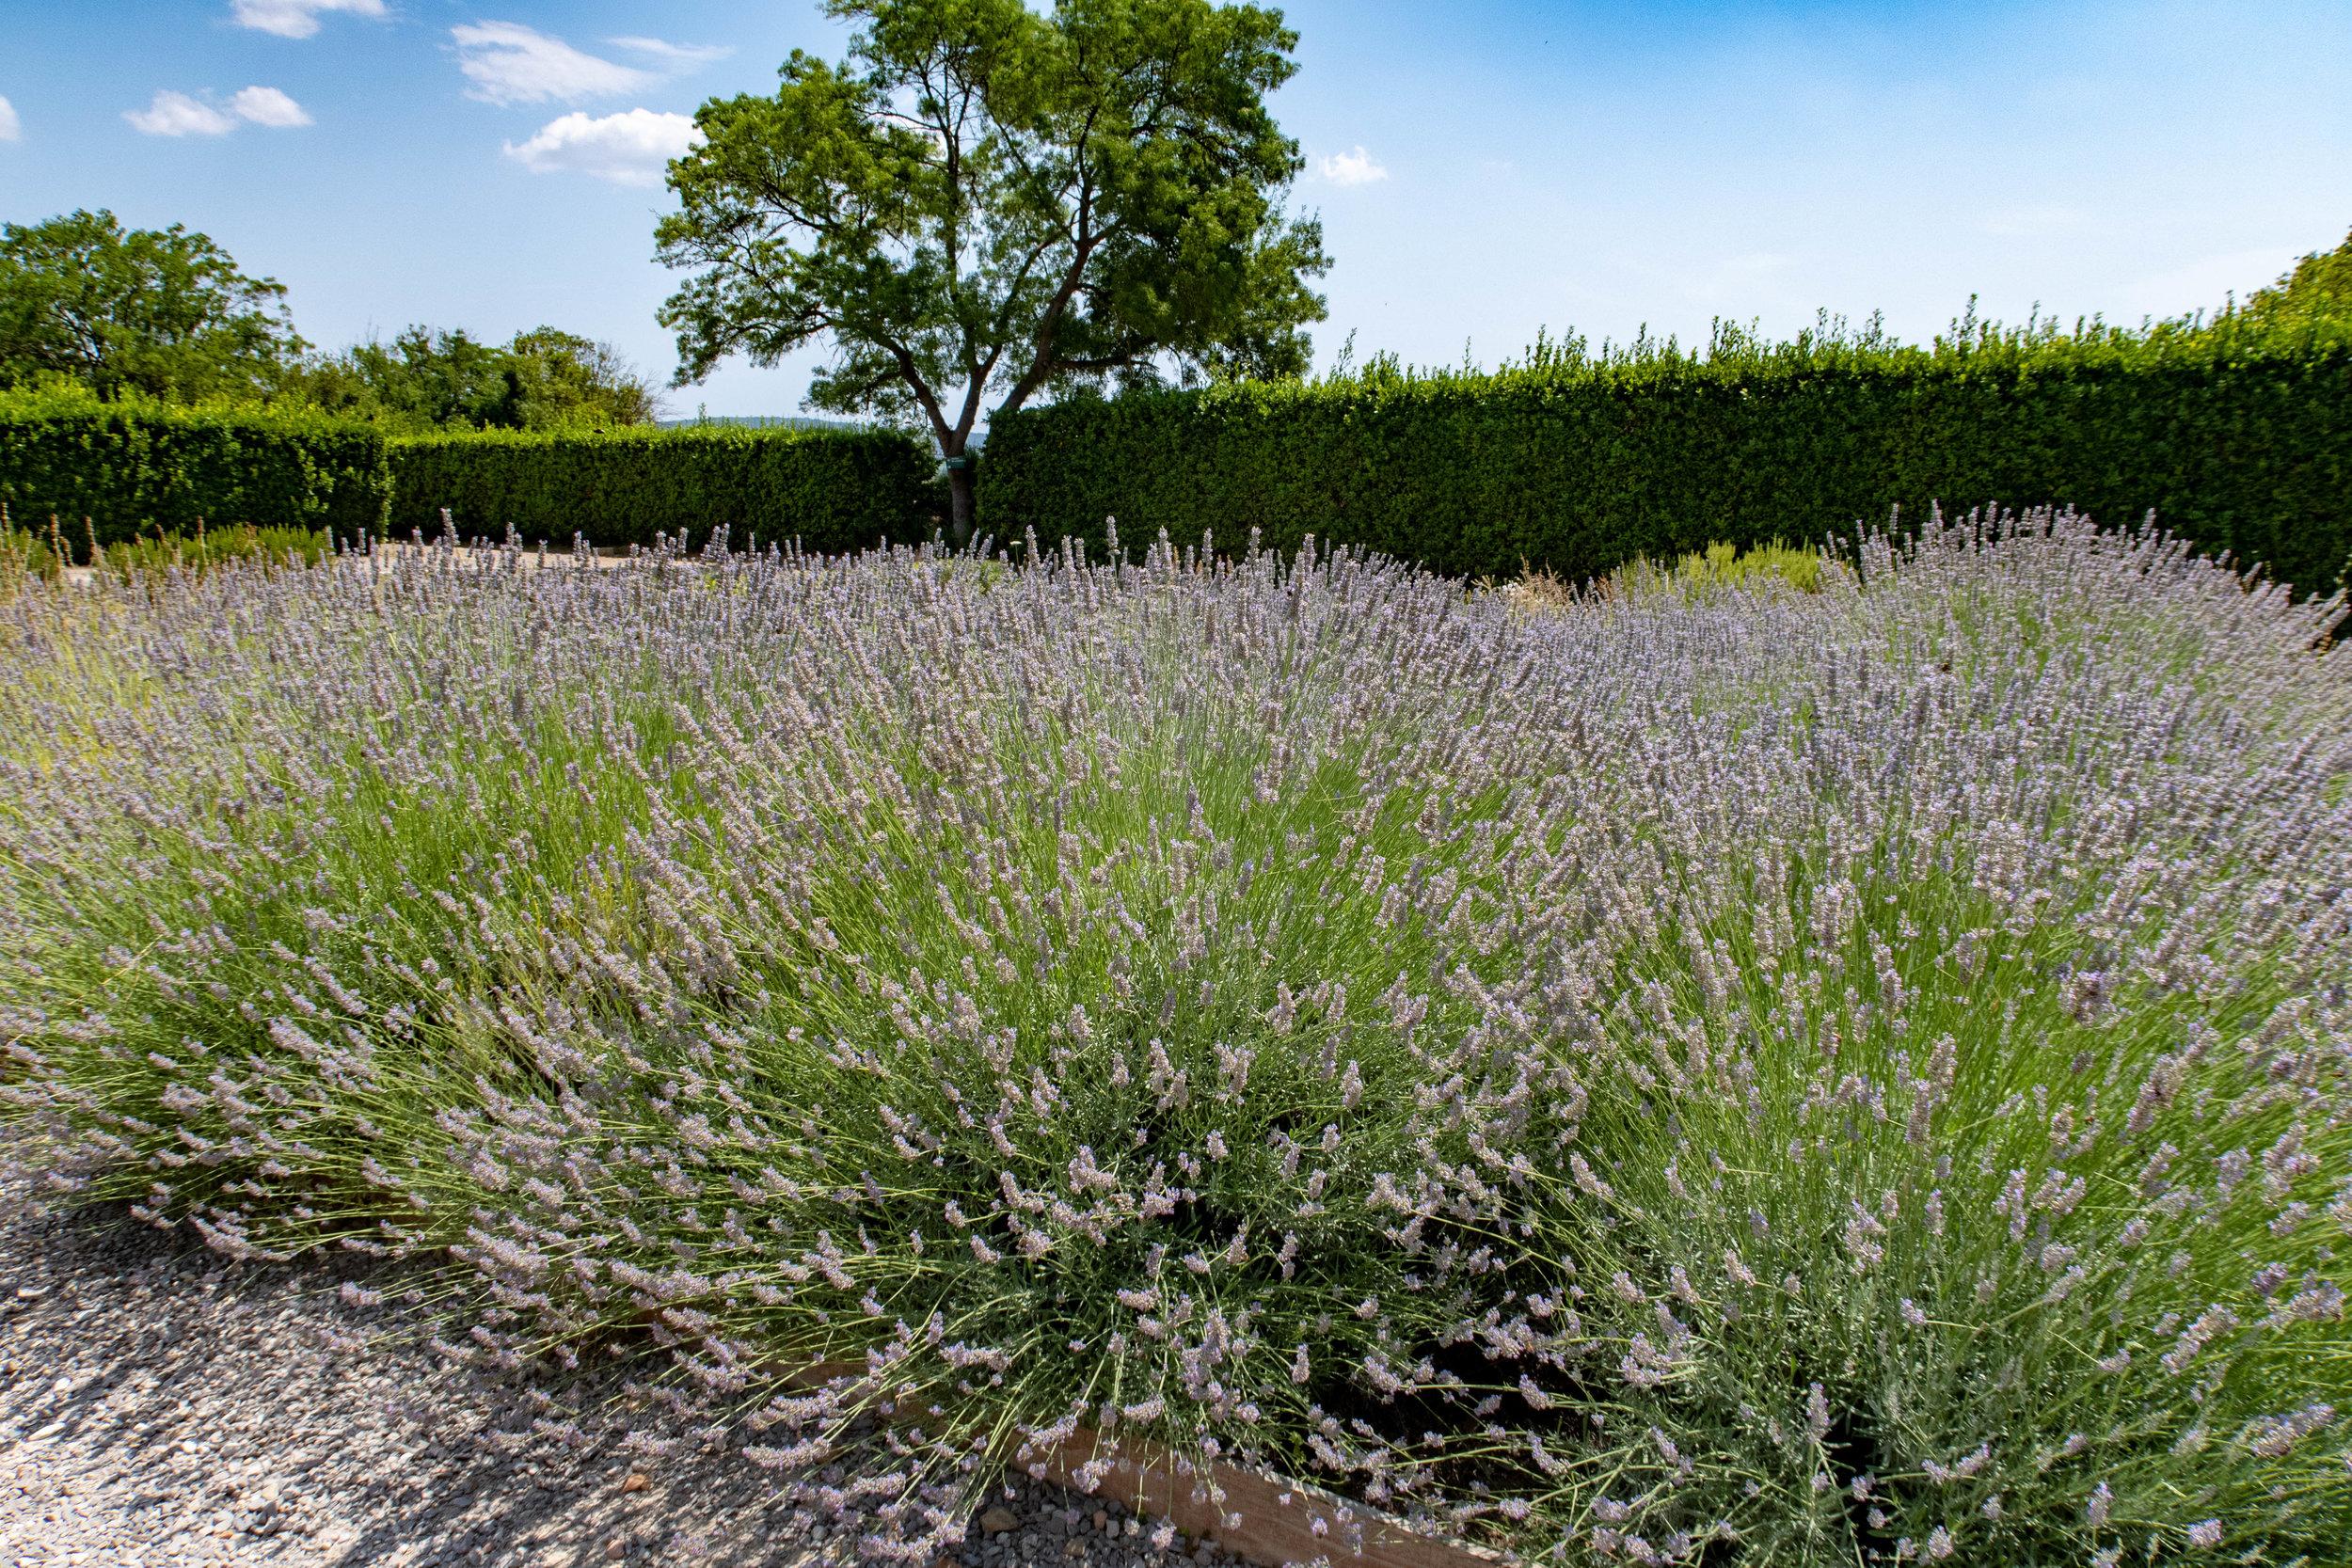 Lavendelrabatt i medicin-trädgården. Önskar mig nu även en sån, tillsammans med min Bouganvillea-häck.